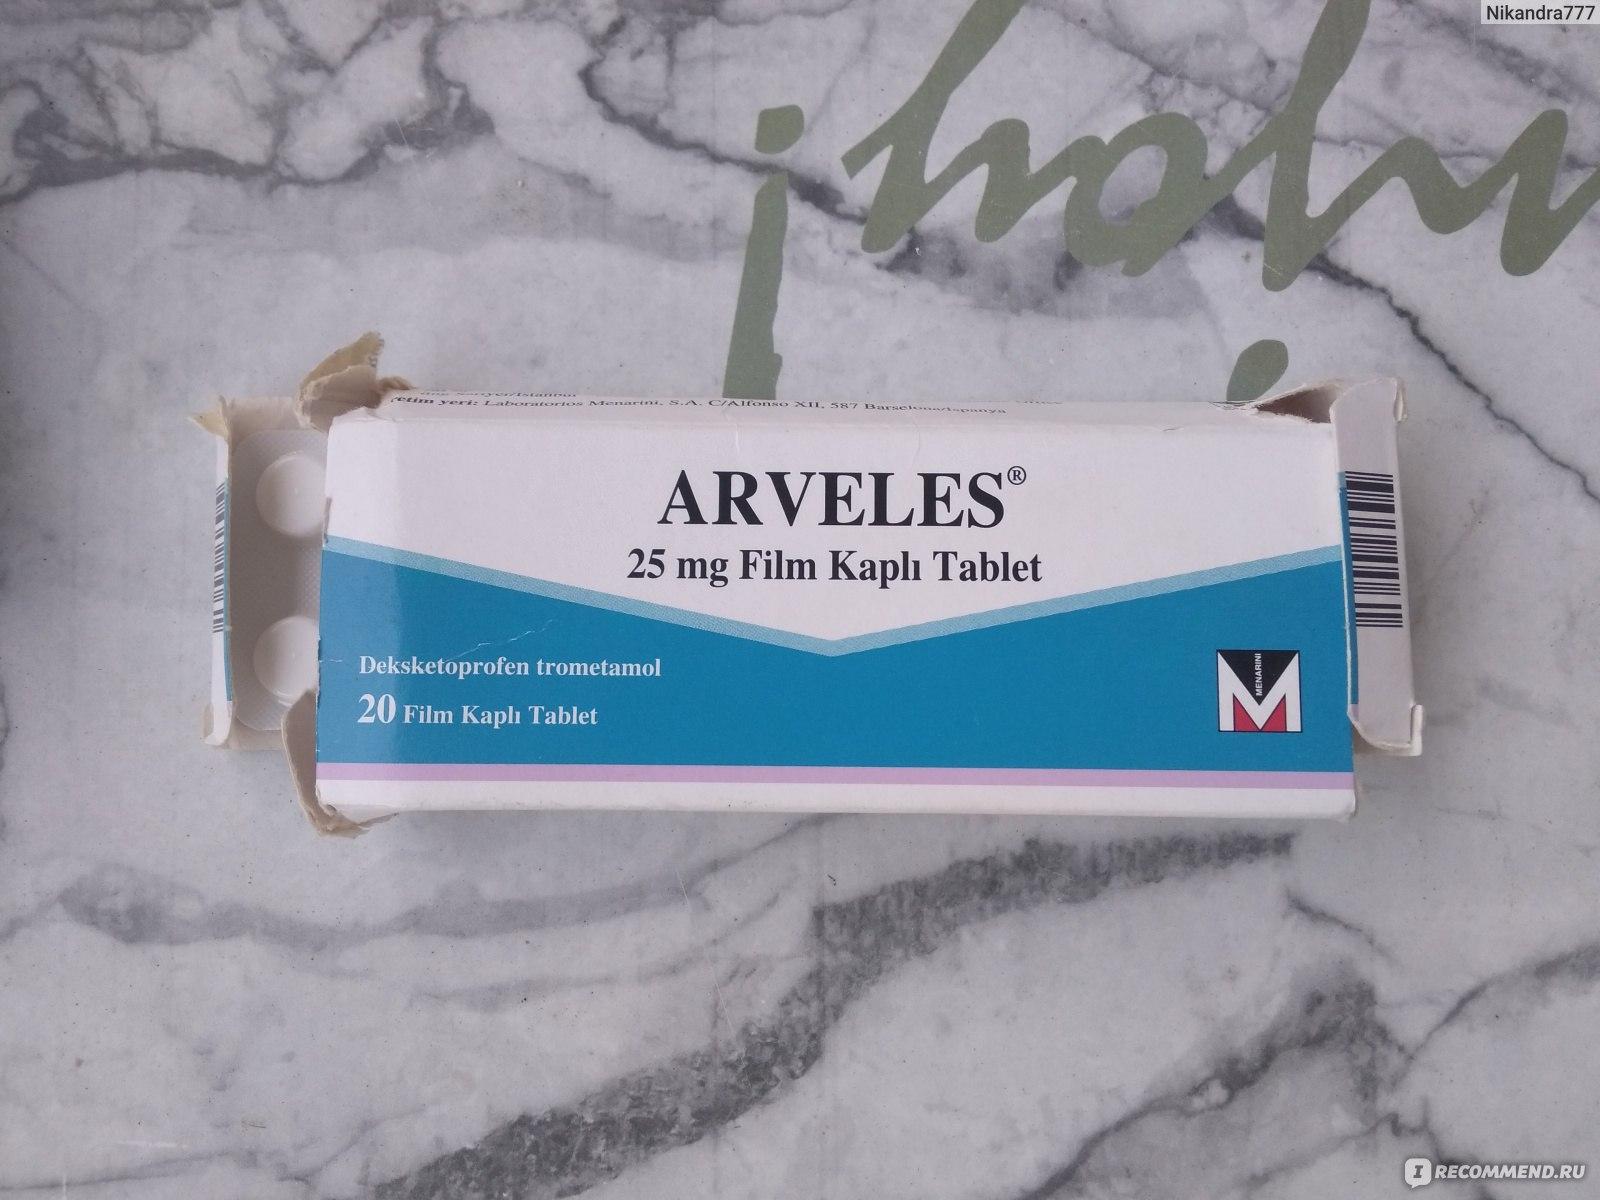 таблетки для похудения эффективные недорогие отзывы туристов